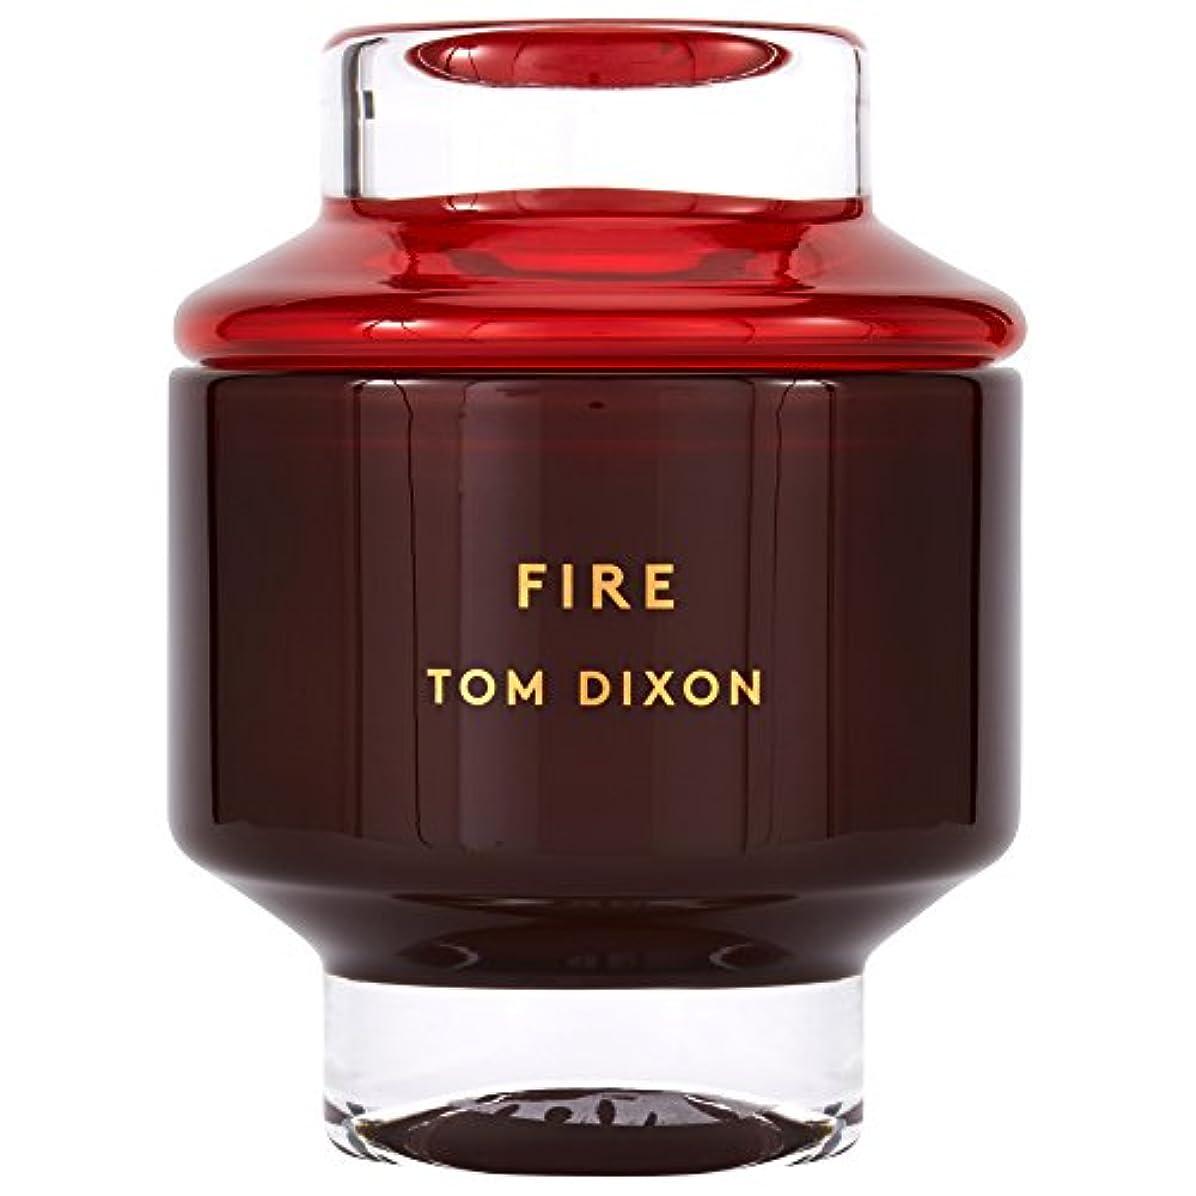 嫉妬スナップ母Tom Dixon Fire Scented Candle Large (Pack of 2) - トム?ディクソン火災大型香りのキャンドル x2 [並行輸入品]